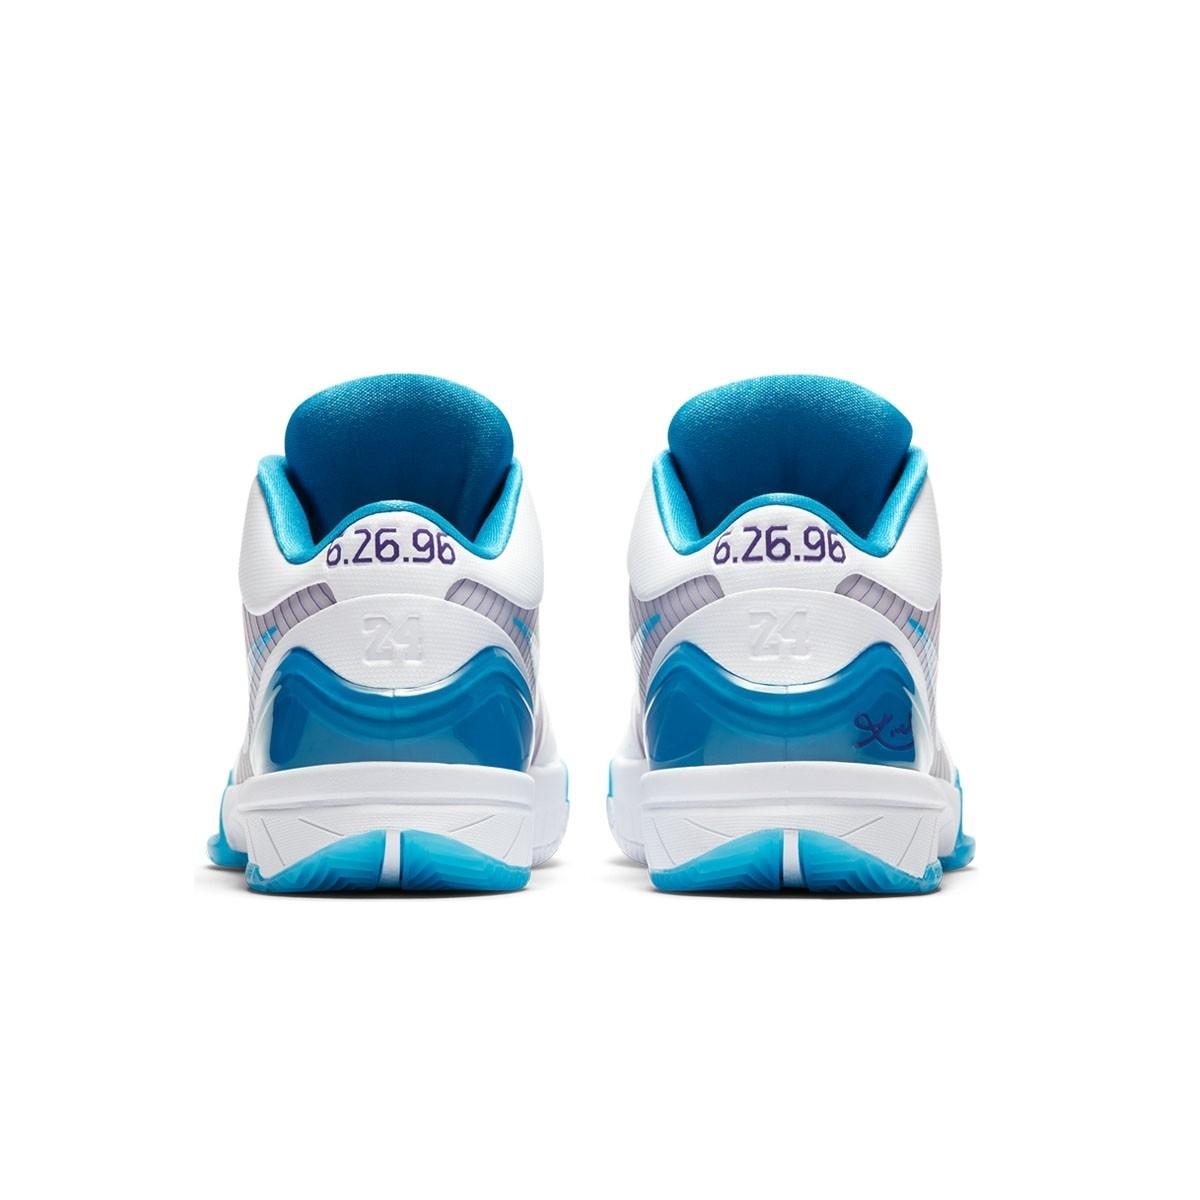 Nike Kobe IV Protro 'Draft Day' AV6339-100